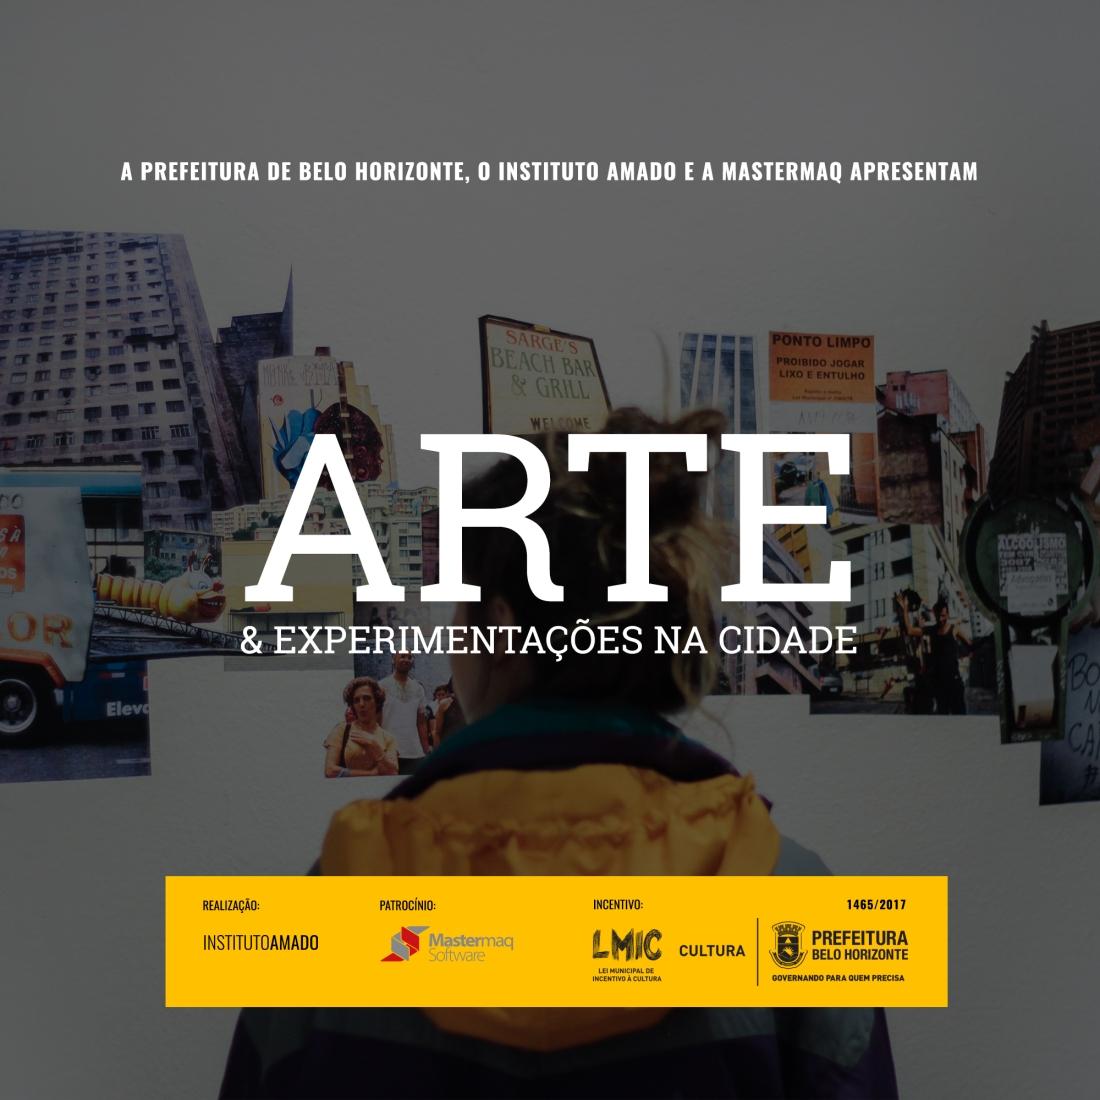 Arte-e-Experimentacoes-na-Cidade-V2